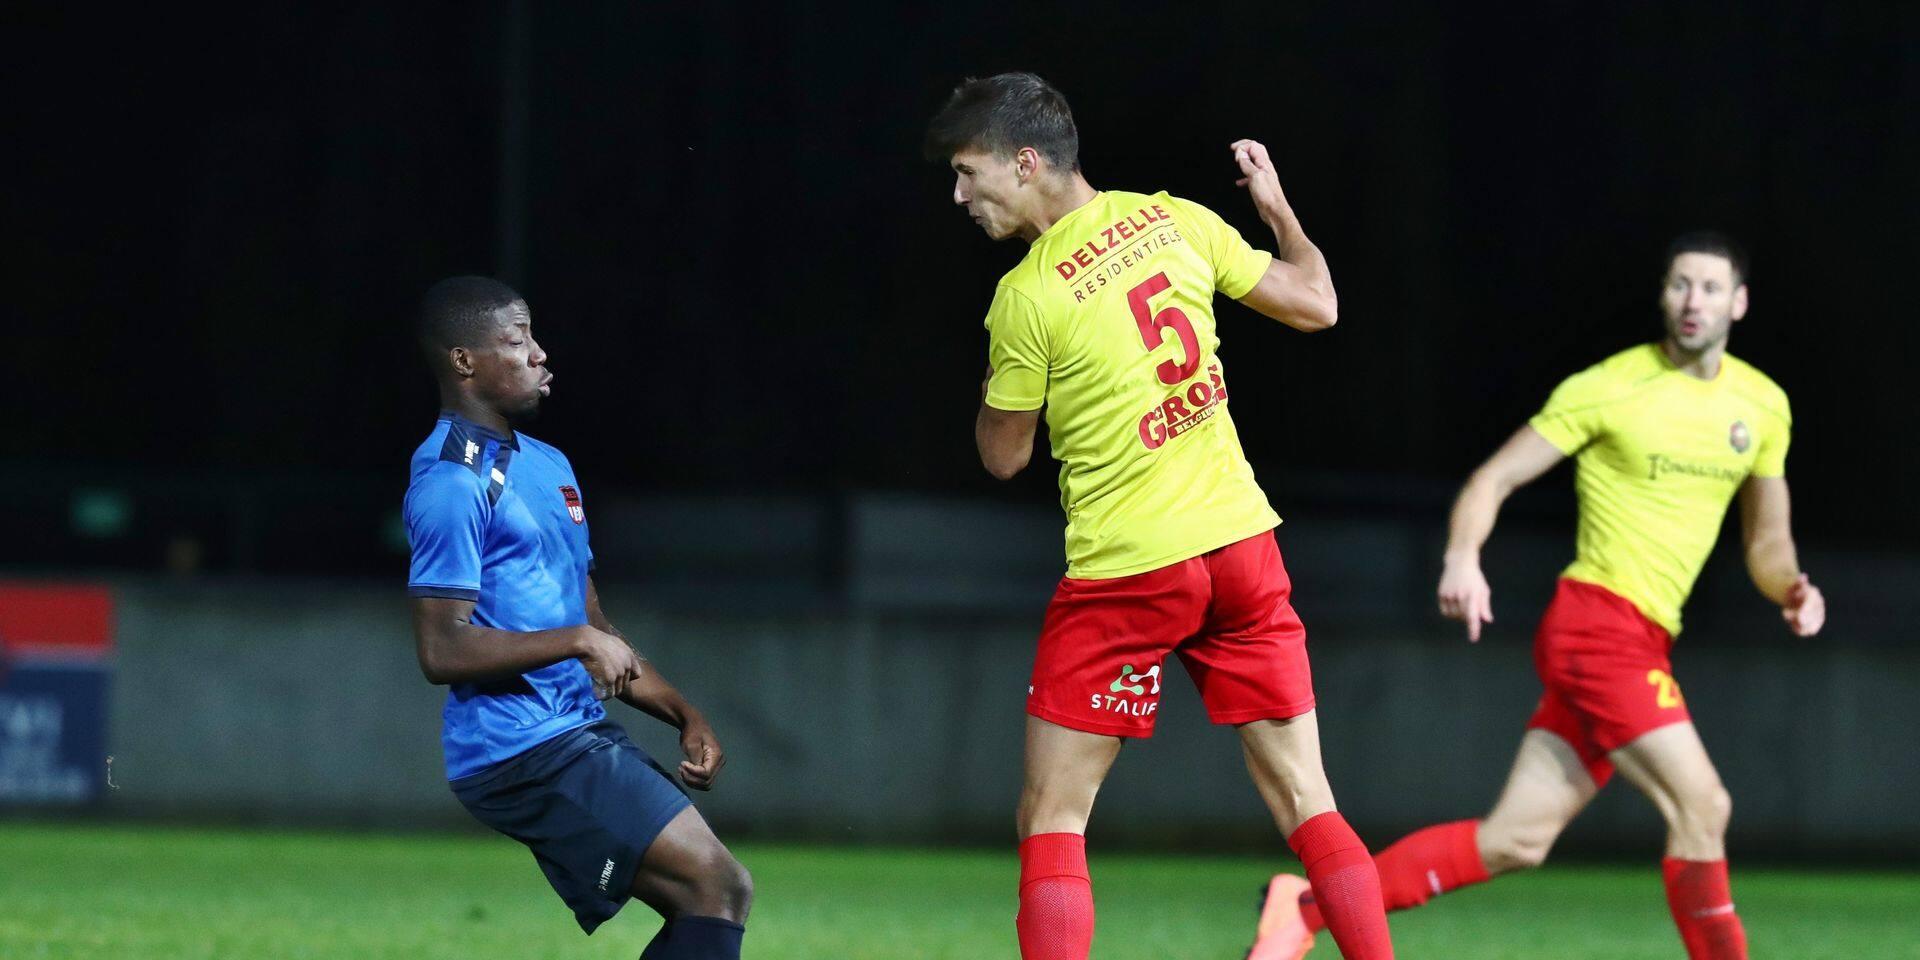 Louis Delhaye a marqué son premier but avec Tubize